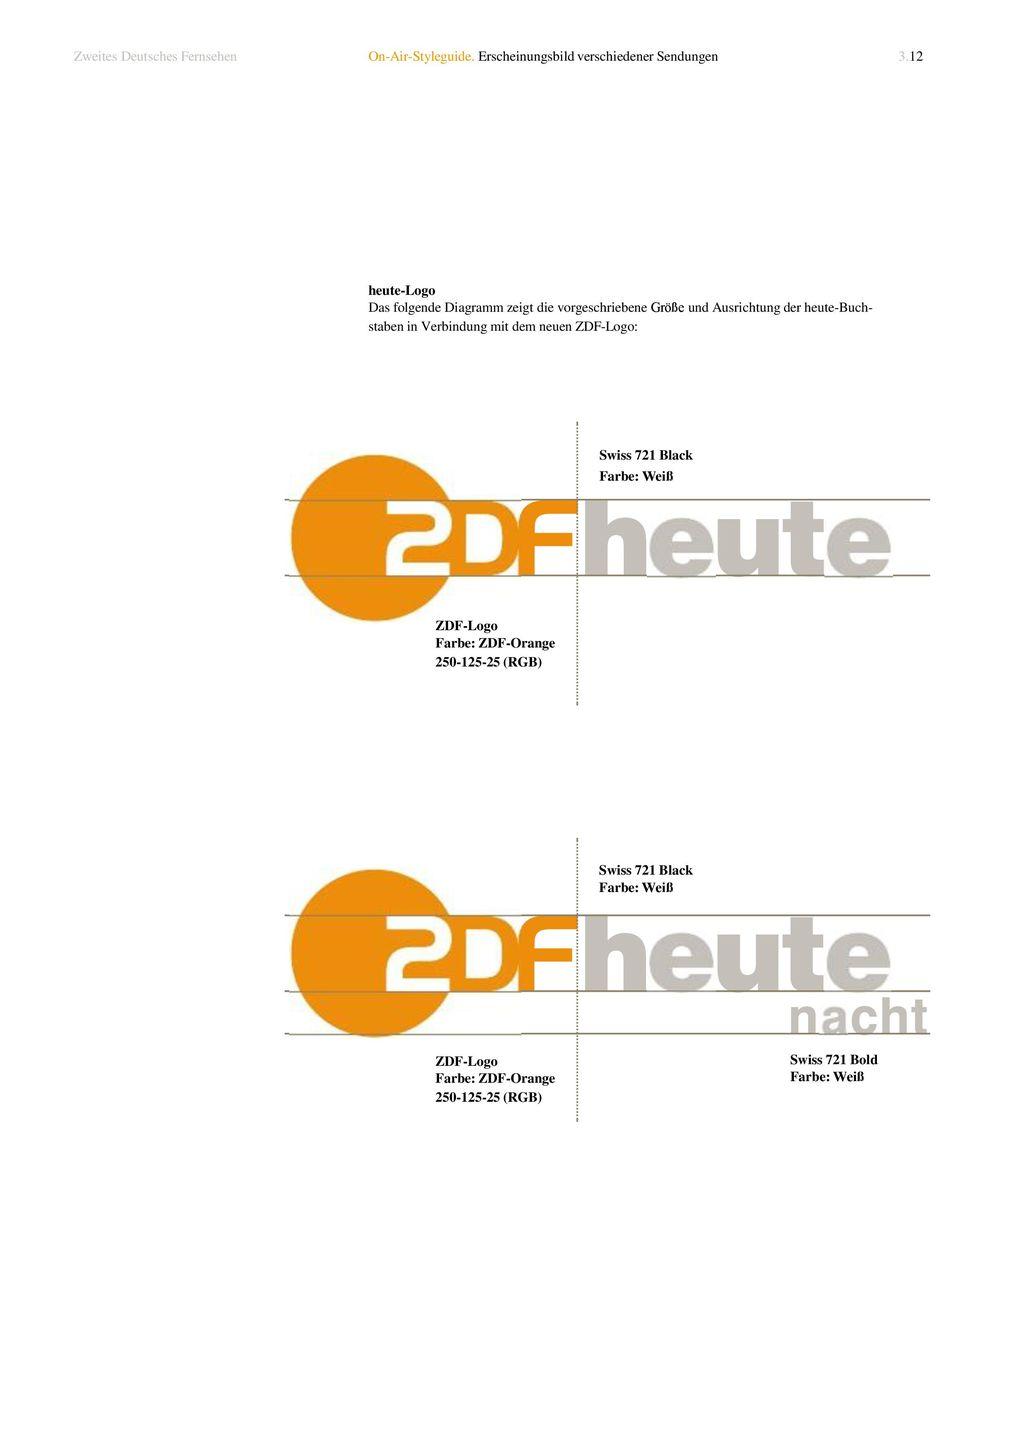 Swiss 721 Black Farbe: Weiß Zweites Deutsches Fernsehen